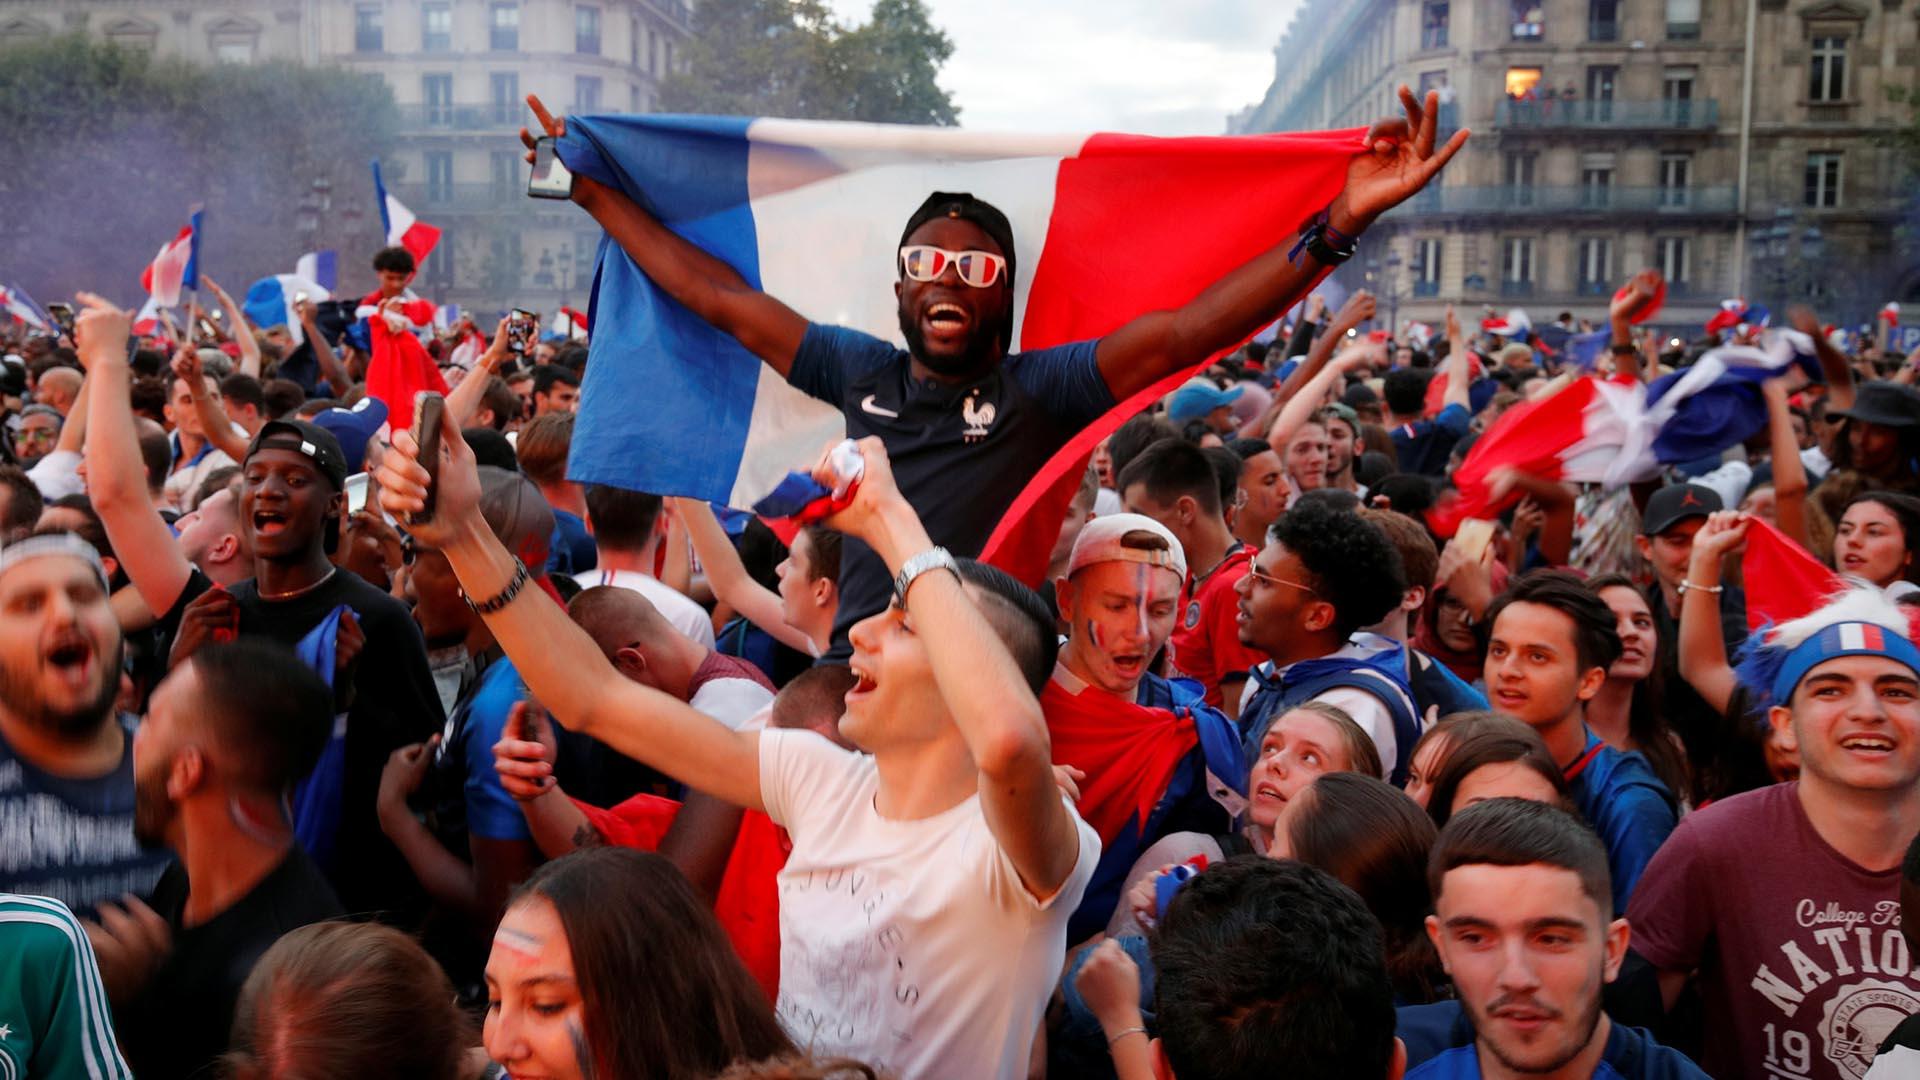 Inglaterra o Croacia serán el rival de Francia en la final del Mundial de Rusia